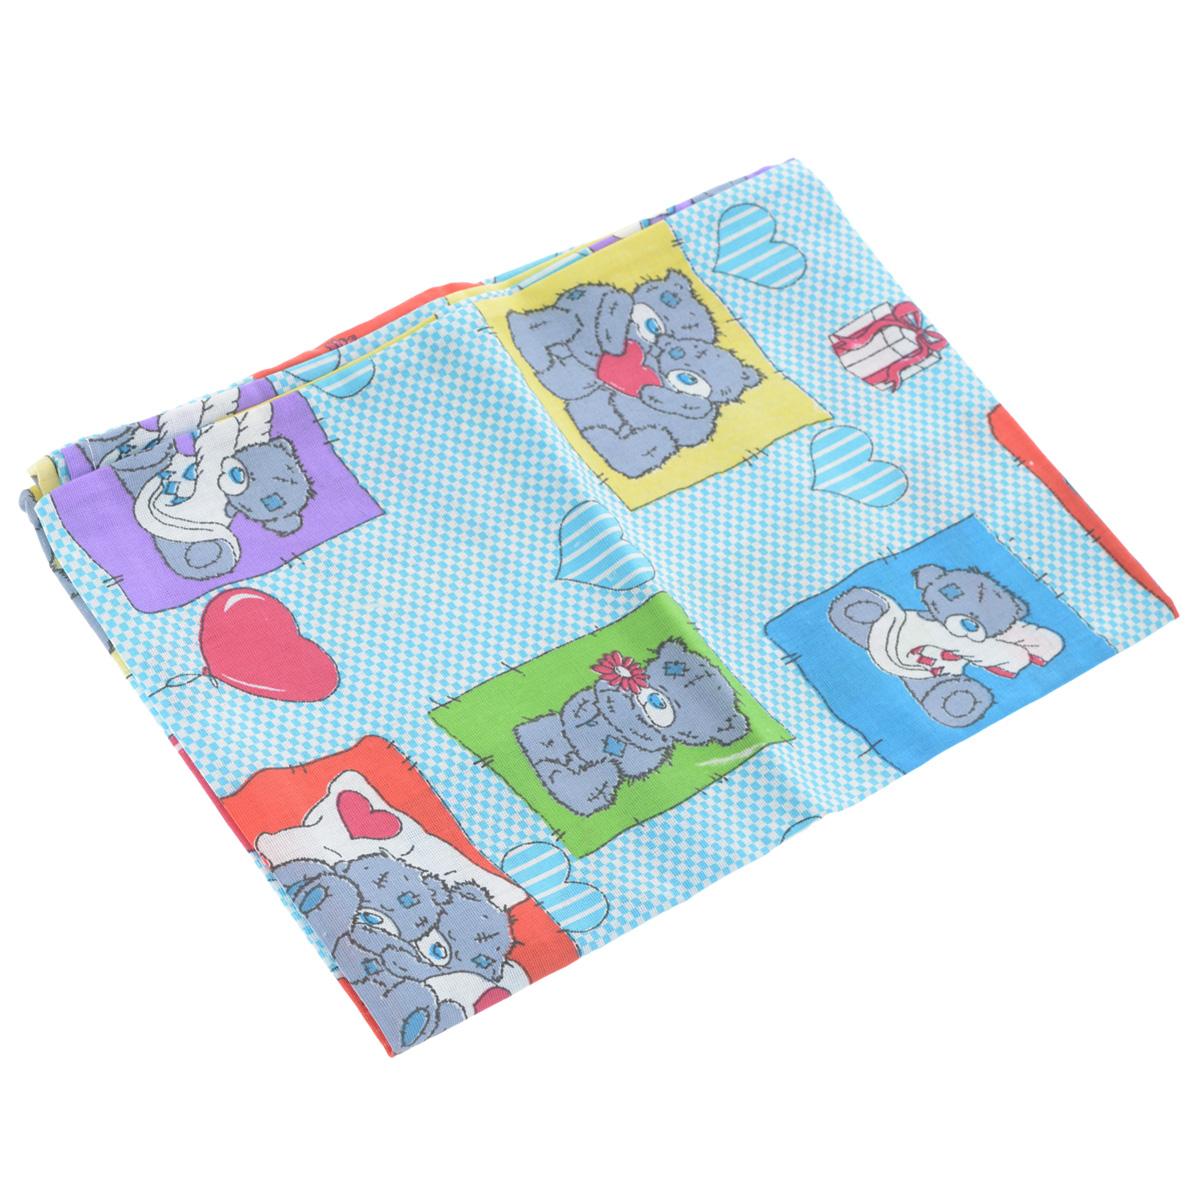 Наволочка детская Фея Мишки, цвет: голубой, 40 см х 60 см327/2Детская наволочка Фея Мишки, идеально подойдет для подушки вашего малыша. Изготовленная из натурального 100% хлопка, она необычайно мягкая и приятная на ощупь. Натуральный материал не раздражает даже самую нежную и чувствительную кожу ребенка, обеспечивая ему наибольший комфорт. Приятный рисунок наволочки, несомненно, понравится малышу и привлечет его внимание. На подушке с такой наволочкой ваша кроха будет спать здоровым и крепким сном. УВАЖАЕМЫЕ КЛИЕНТЫ! Обращаем ваше внимание на возможные изменения в дизайне, связанные с ассортиментом продукции: рисунок может отличаться от представленного на изображении.